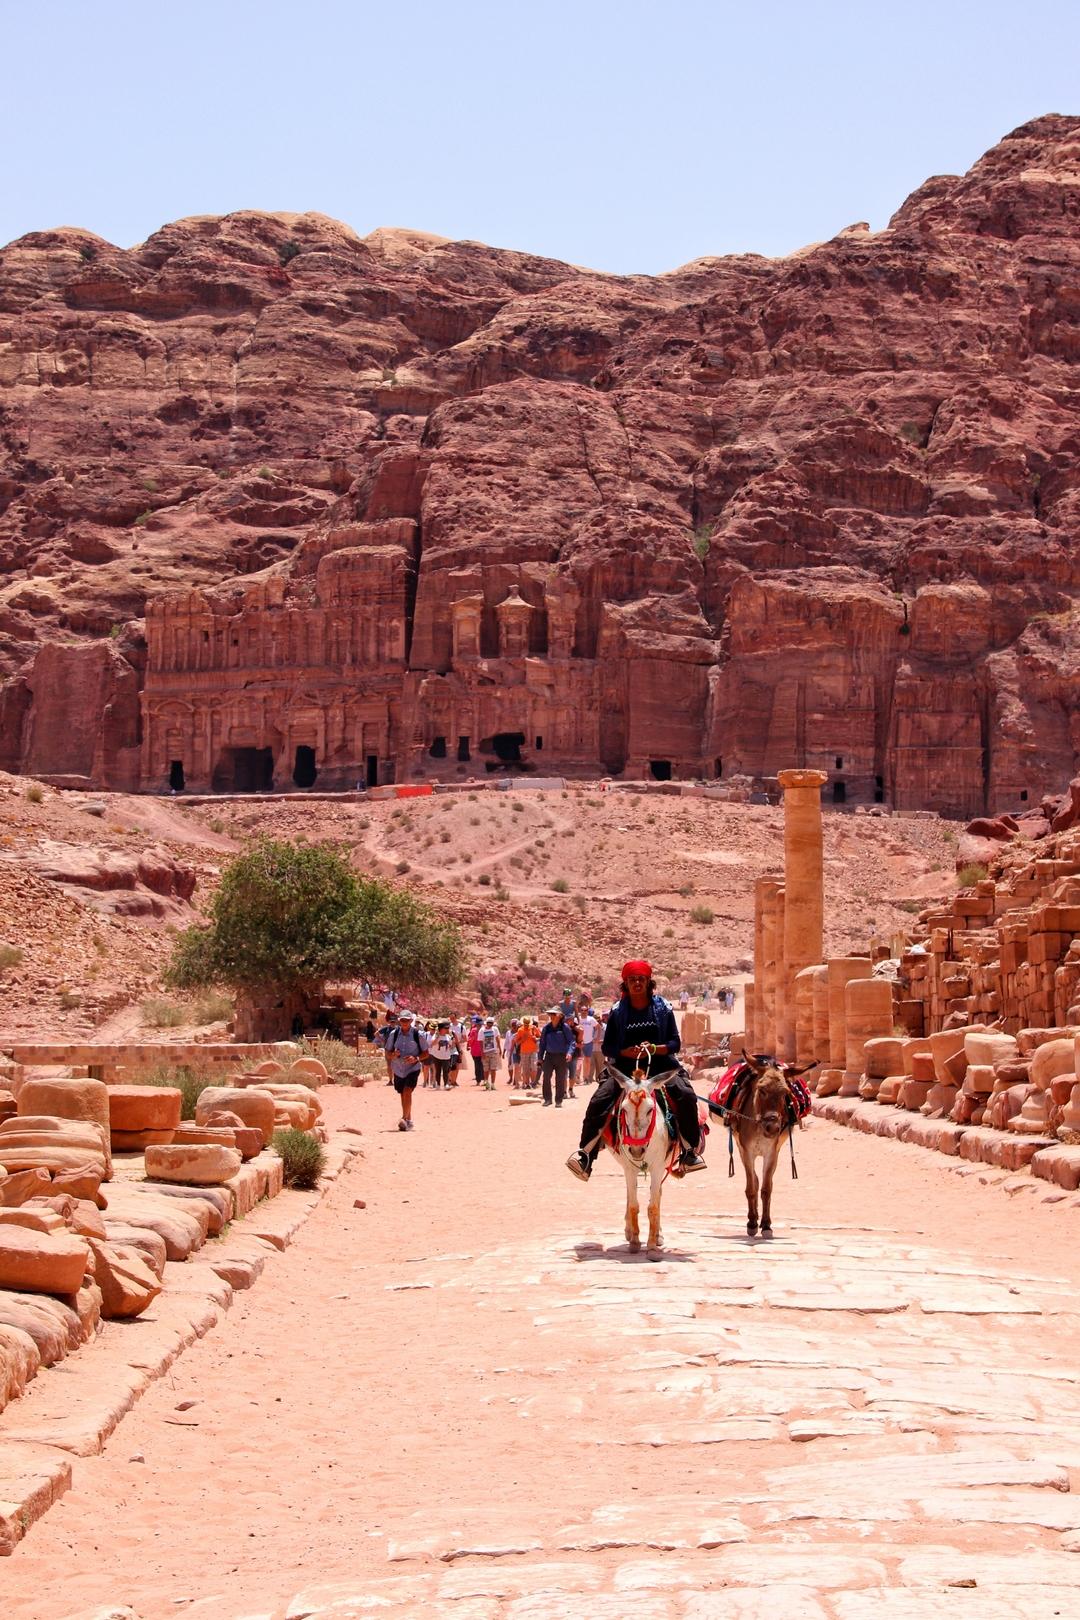 Jordanie - Bédouin et ses ânes dans la rue des colonnades à Petra